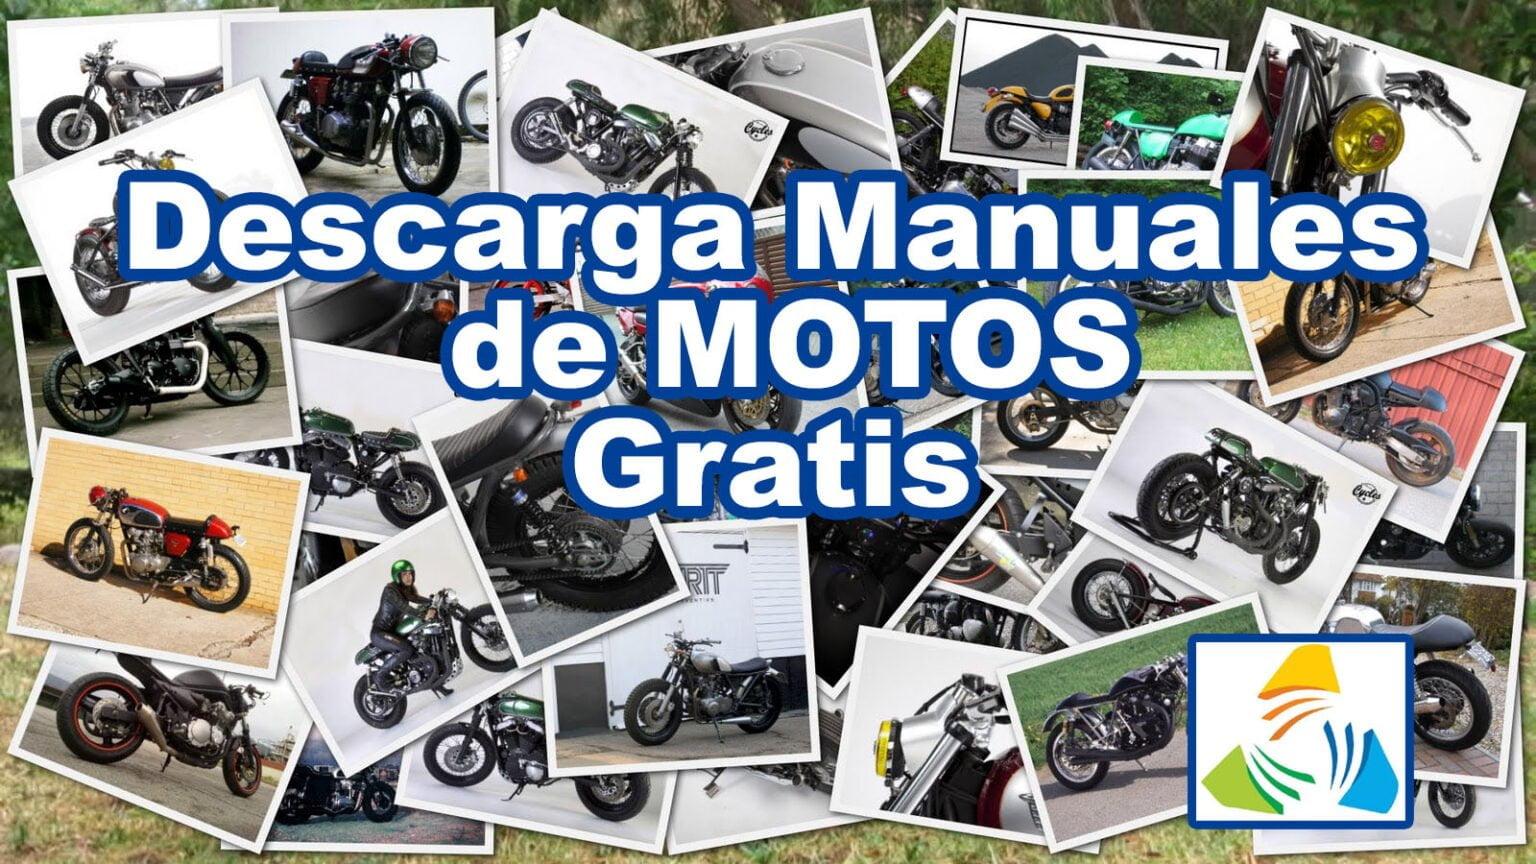 Descargar Manuales de Motos Gratis